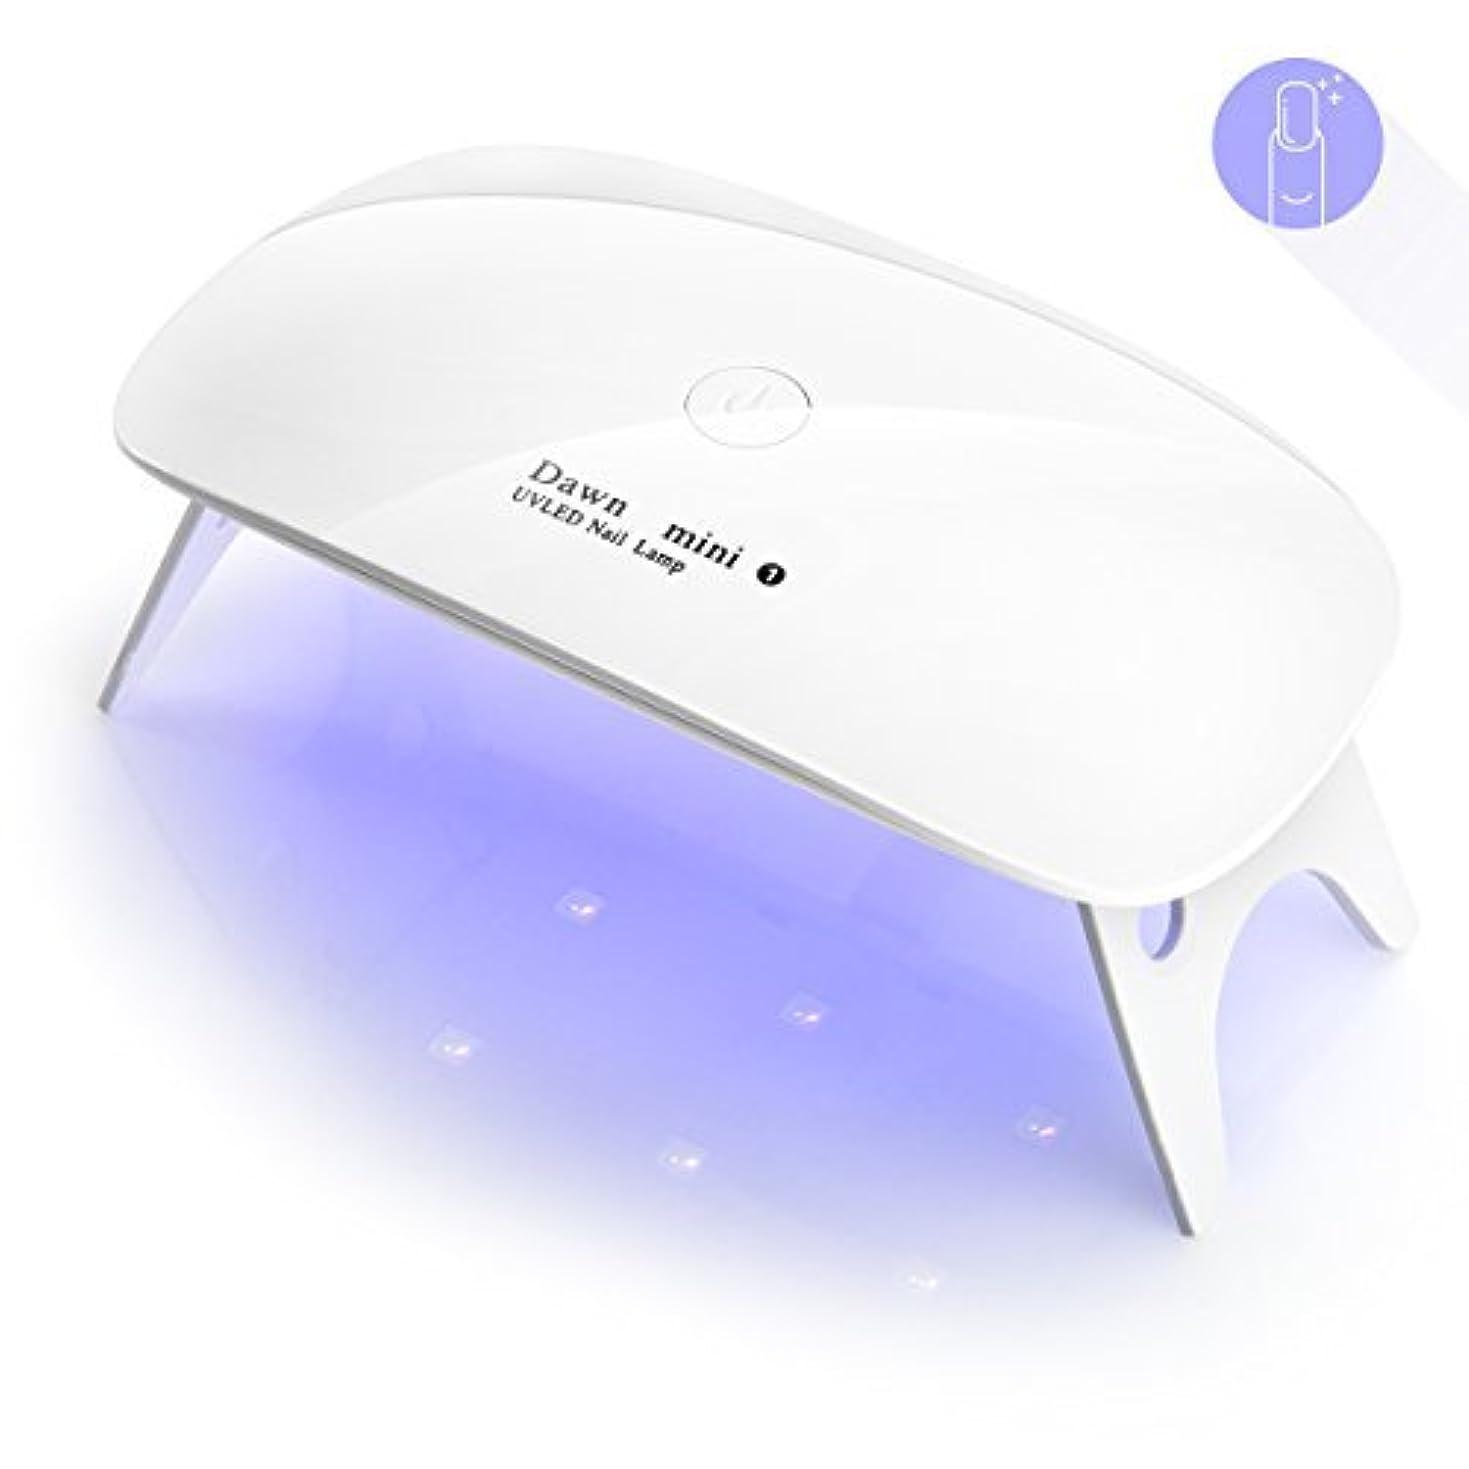 彼ら地区ガチョウBeito LEDネイルドライヤー UVライト タイマー設定可能 折りたたみ式手足とも使える 人感センサー式 LED 硬化ライト UV と LEDダブルライト ジェルネイル用